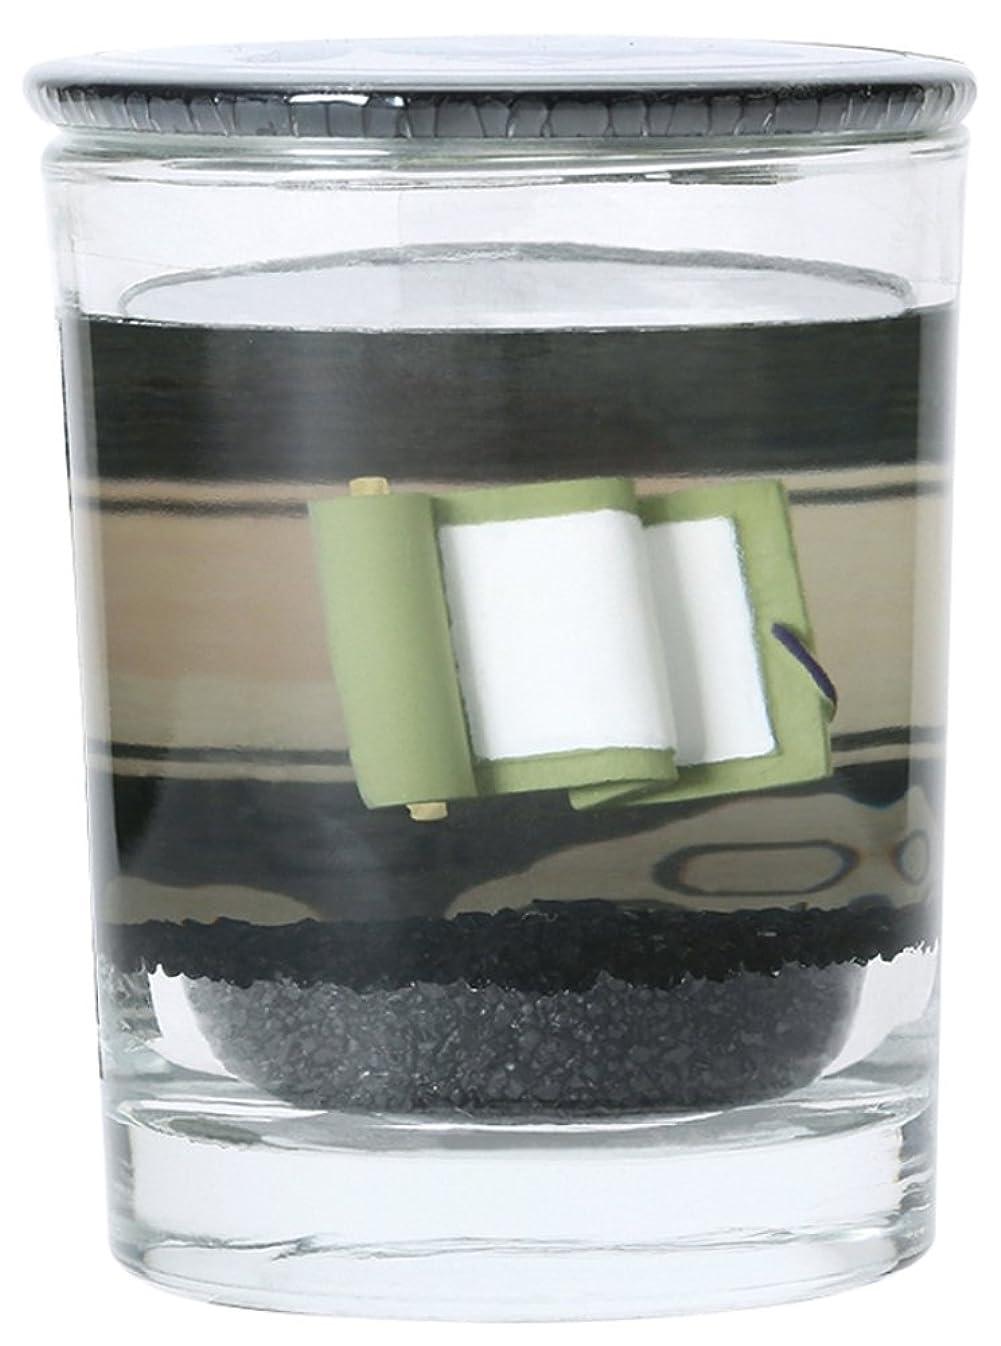 やりがいのある厚さ軽蔑するノルコーポレーション 芳香剤 フレグランスジェル 忍びシリーズ 巻物 OA-NBG-1-9